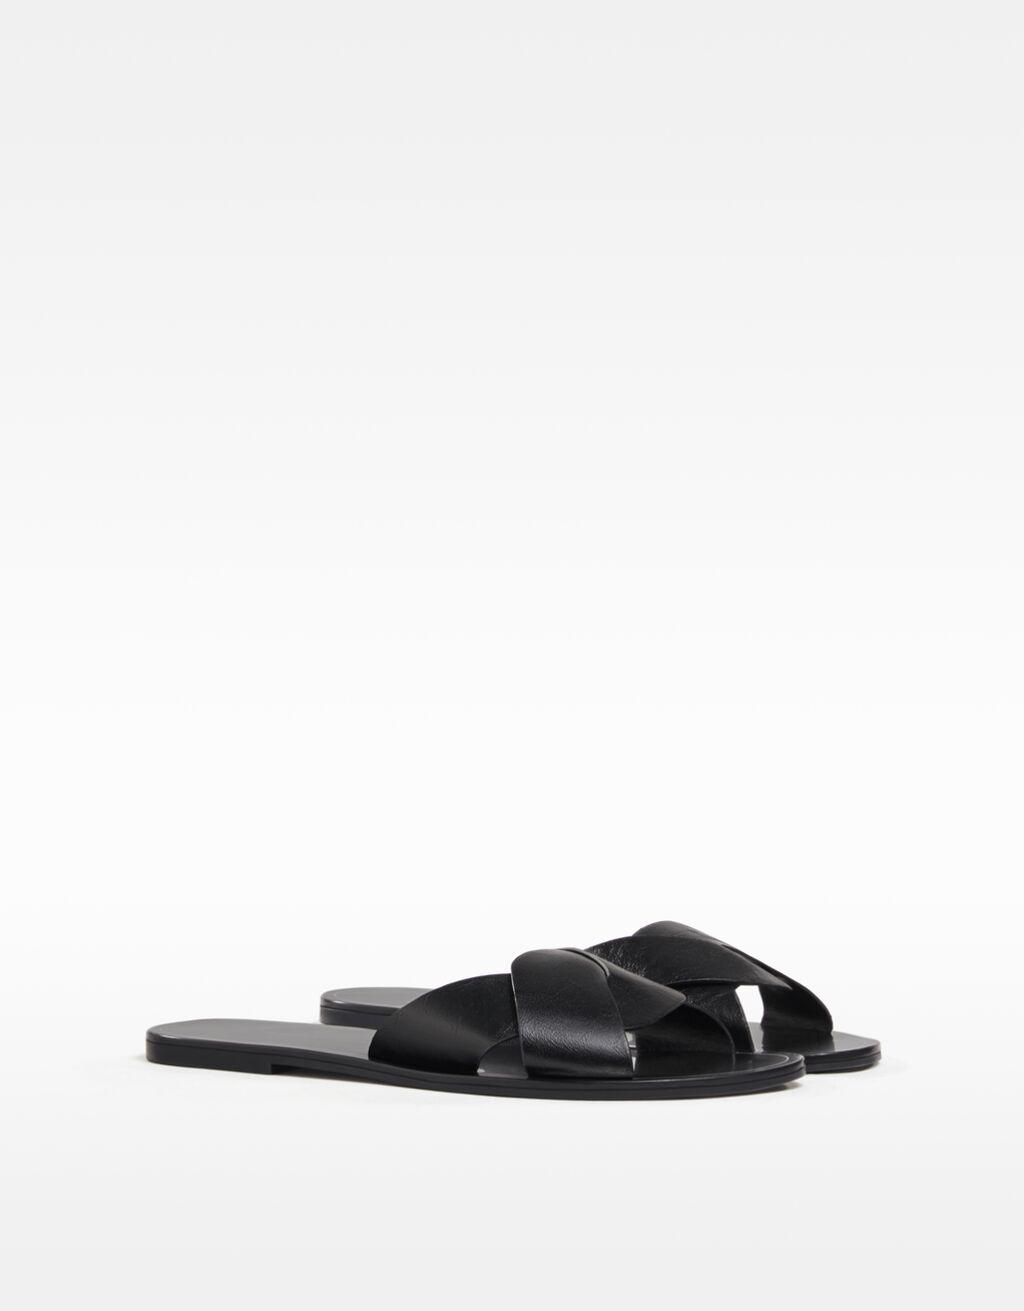 Nizki sandali s prekrižanimi paščki